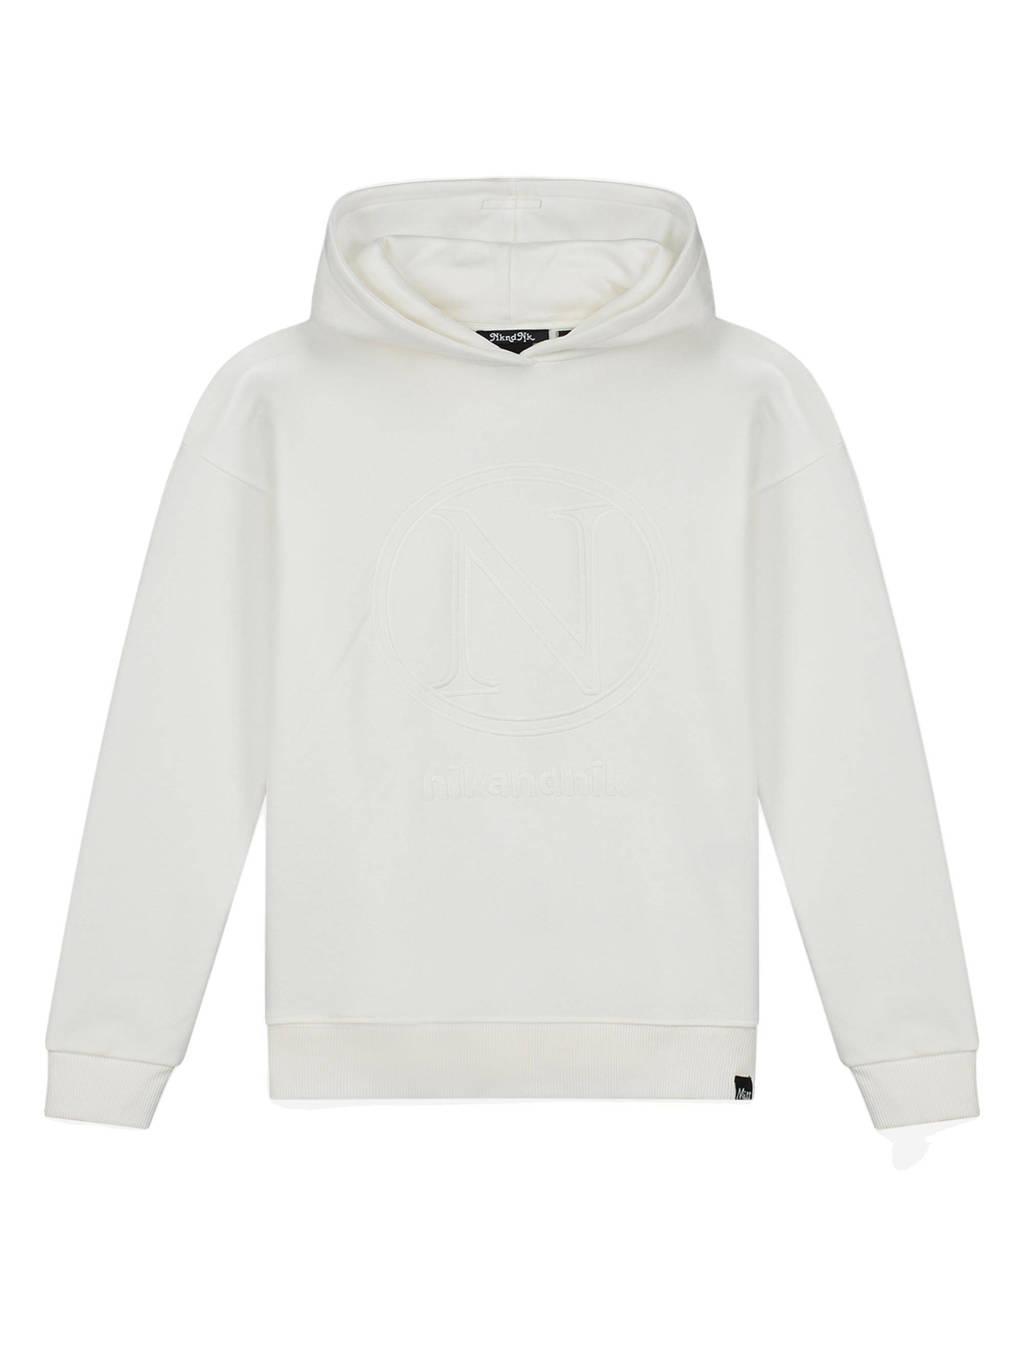 NIK&NIK hoodie Vida met logo offwhite, Offwhite